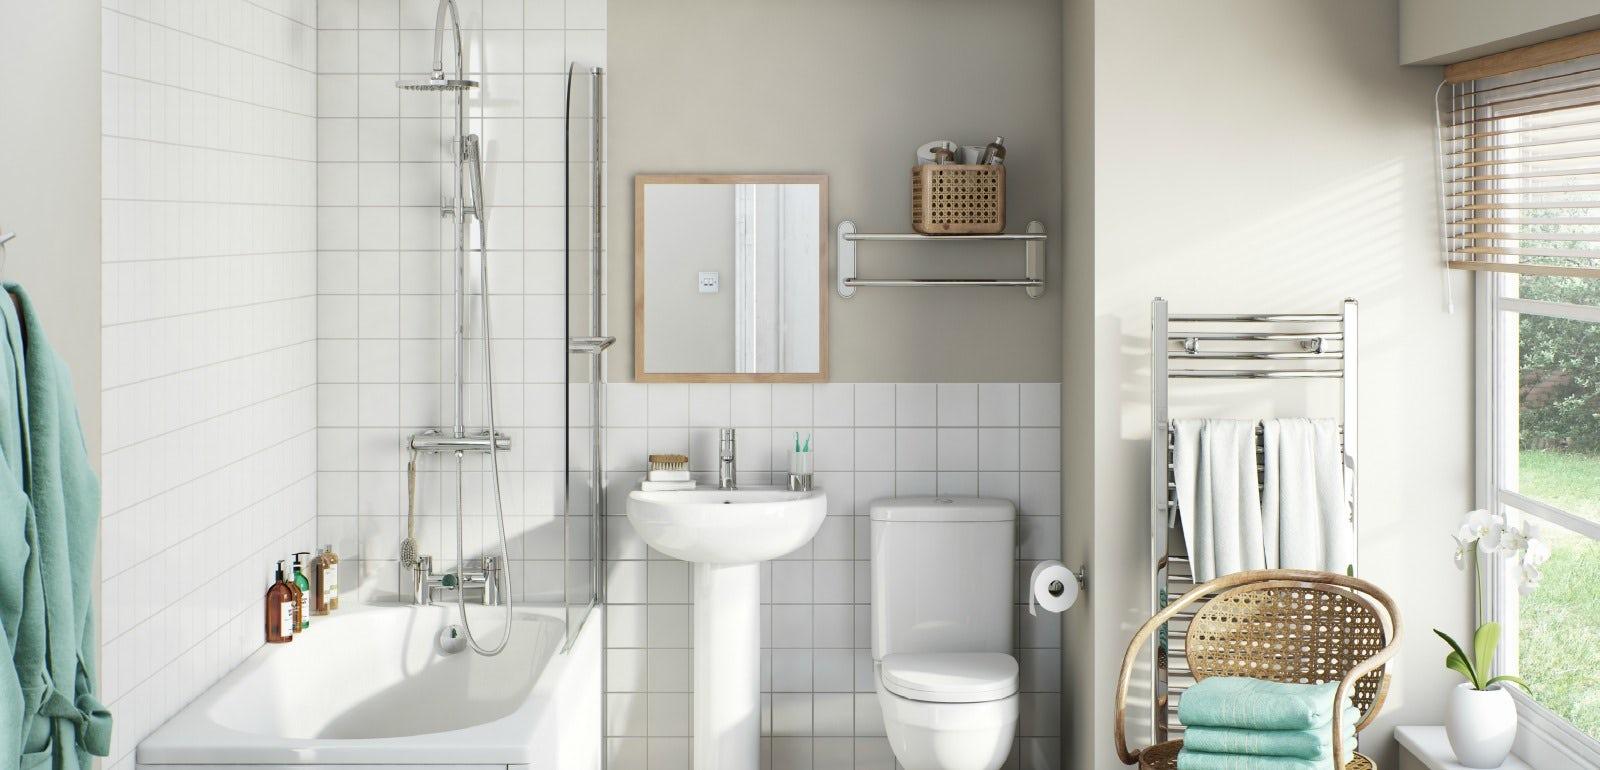 Planning a family bathroom | VictoriaPlum.com